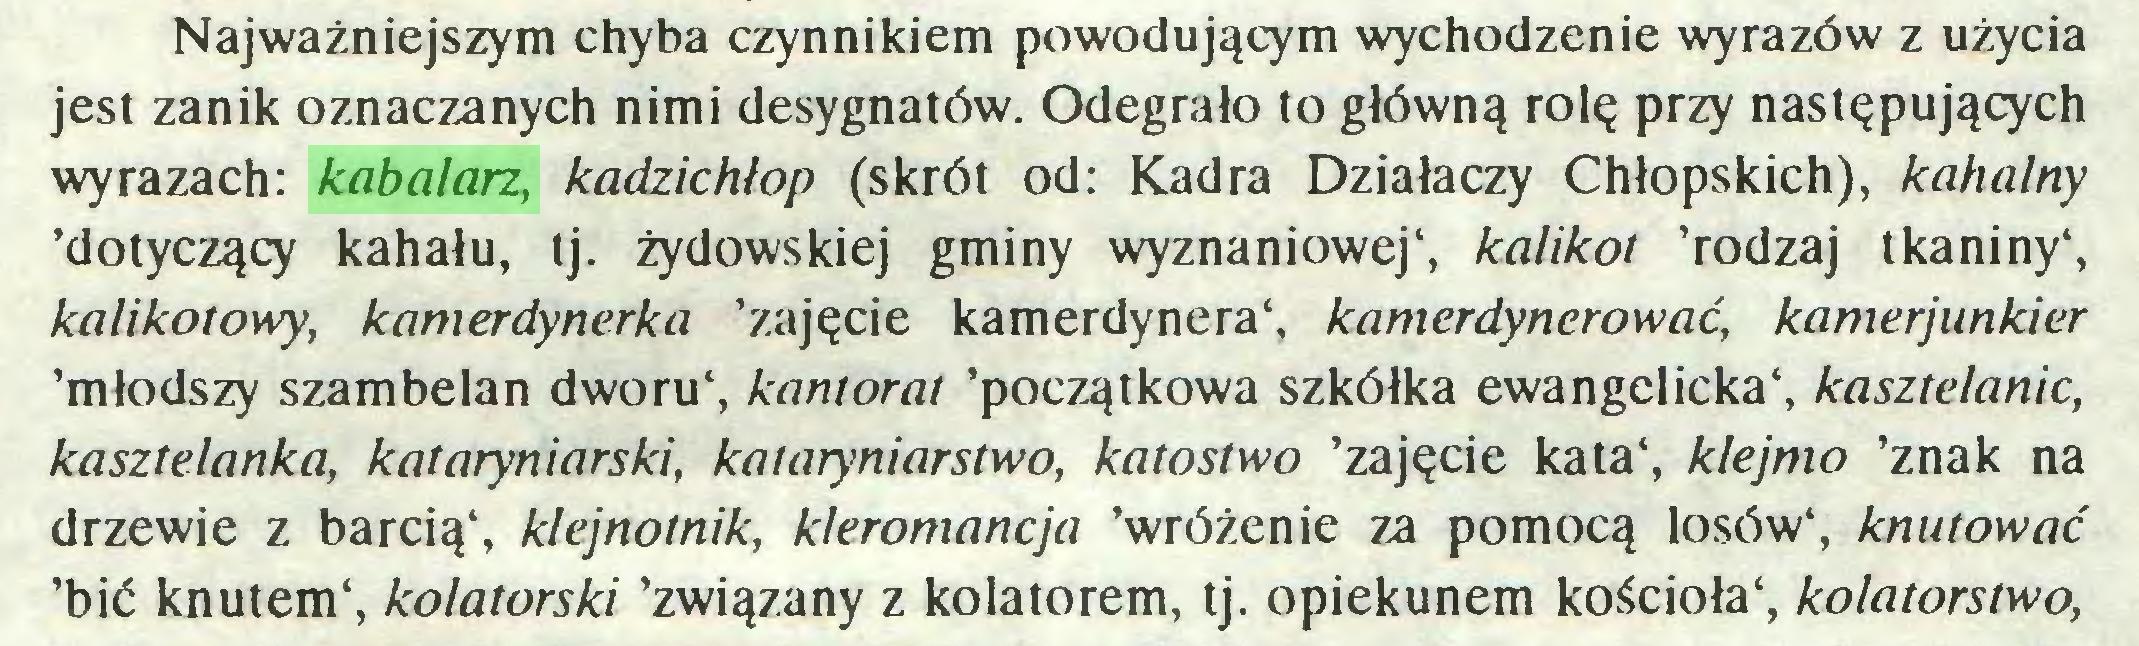 (...) Najważniejszym chyba czynnikiem powodującym wychodzenie wyrazów z użycia jest zanik oznaczanych nimi desygnatów. Odegrało to główną rolę przy następujących wyrazach: kabalarz, kadzichłop (skrót od: Kadra Działaczy Chłopskich), kahalny 'dotyczący kahału, tj. żydowskiej gminy wyznaniowej4, kalikot 'rodzaj tkaniny4, kalikotowy, kamerdynerka 'zajęcie kamerdynera4, kam erdynero w a ć, kamerjunkier 'młodszy szambelan dworu4, kantorat 'początkowa szkółka ewangelicka4, kasztelanie, kasztelanka, kataryniarski, kataryniarstwo, katostwo 'zajęcie kata4, klejmo 'znak na drzewie z barcią4, klejnotnik, kleromancja 'wróżenie za pomocą losów4, knutować 'bić knutem4, kolatorski 'związany z kolatorem, tj. opiekunem kościoła4, kolatorstwo,...